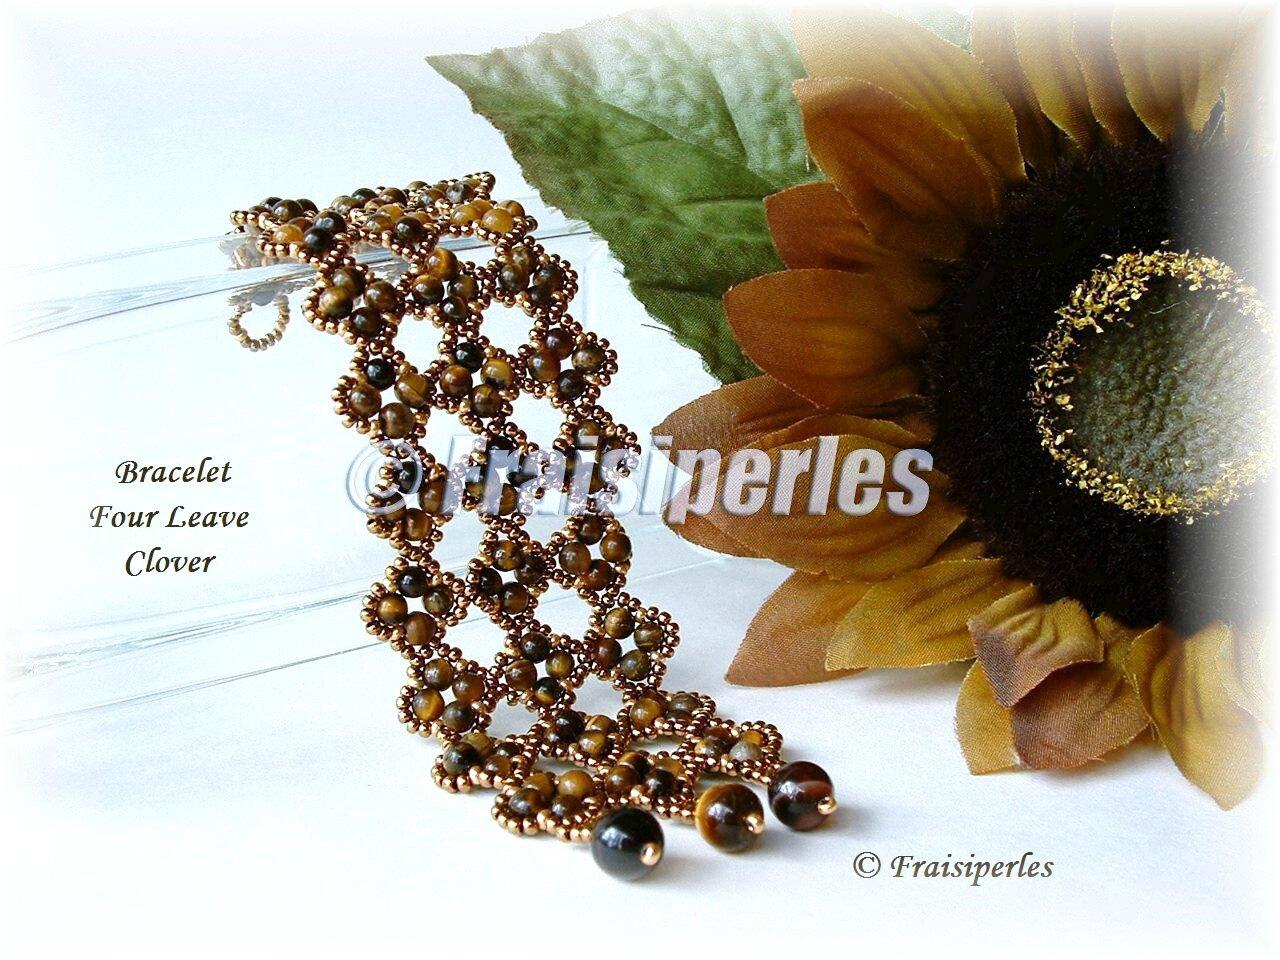 Bracelet Four leave clover-MANEK